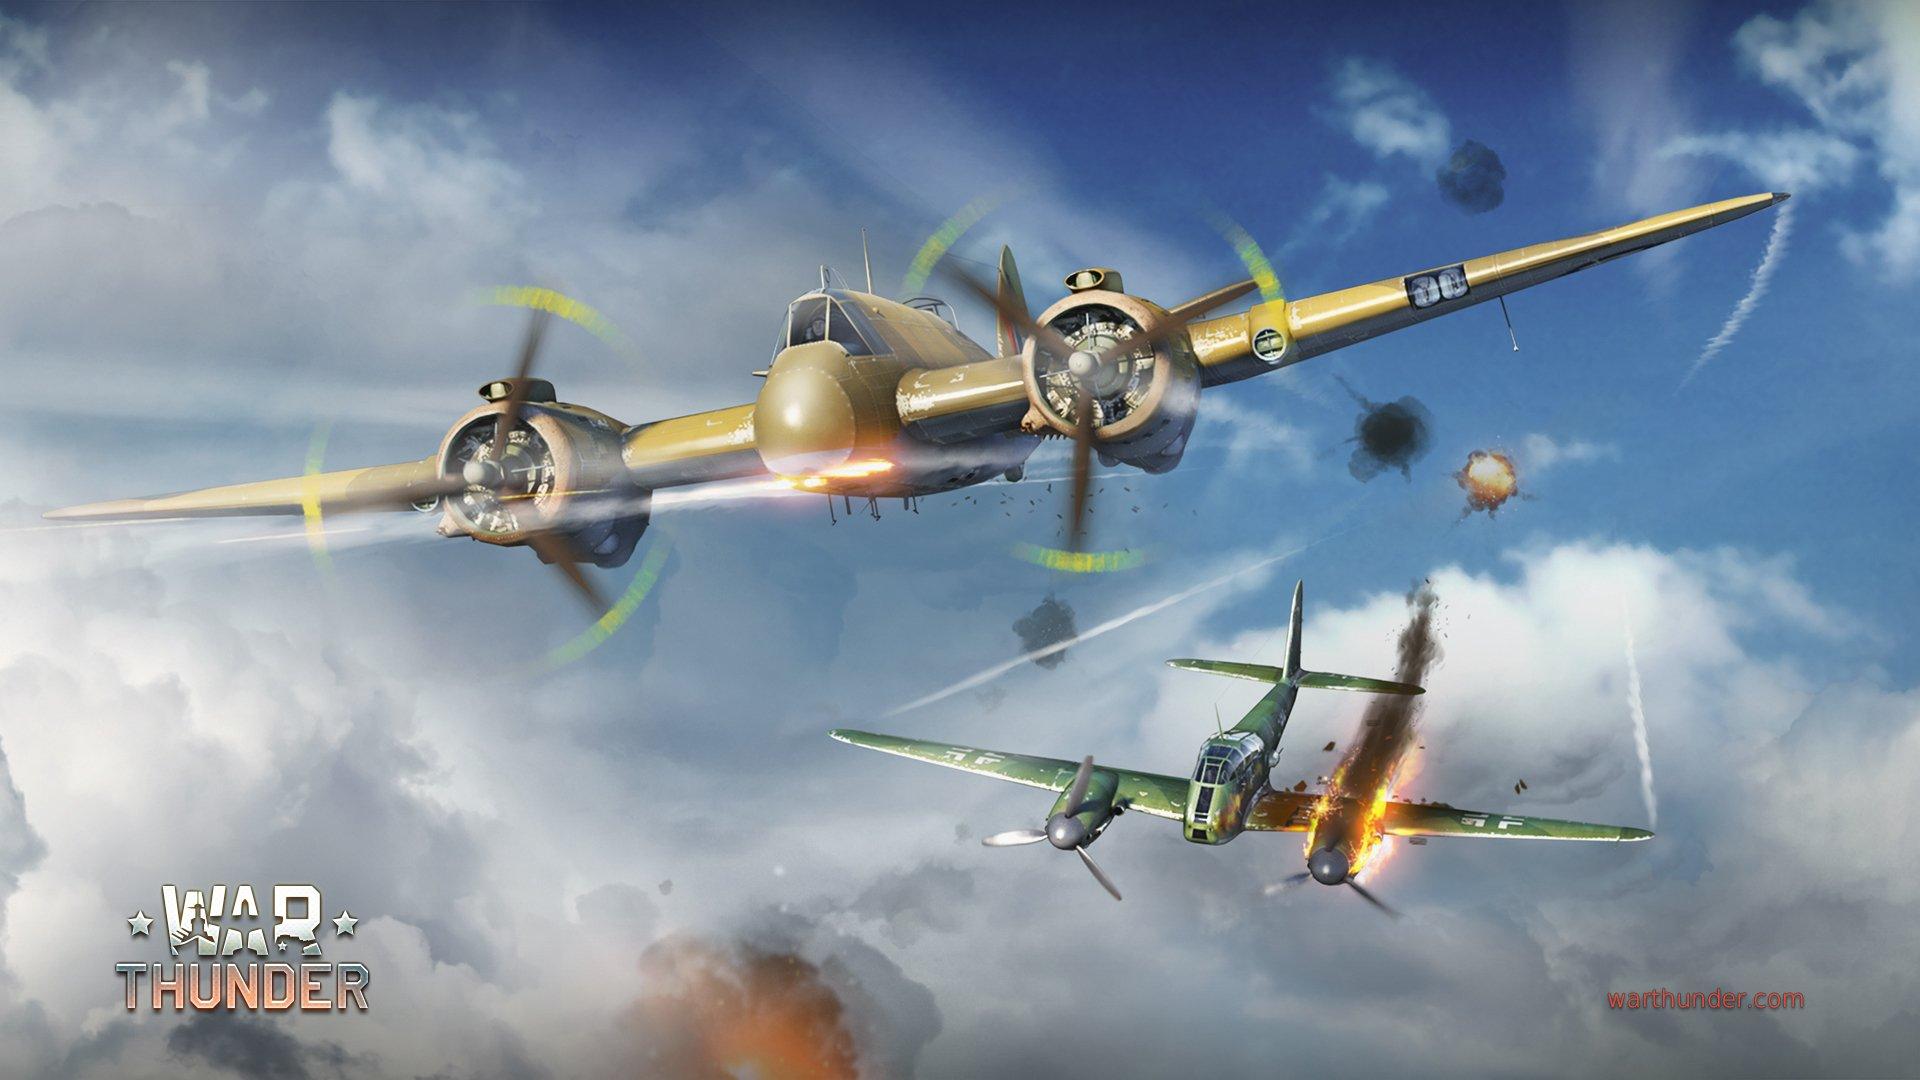 Обои Ме-410, war thunder, Самолёт, истребитель, война, Облака. Игры foto 7